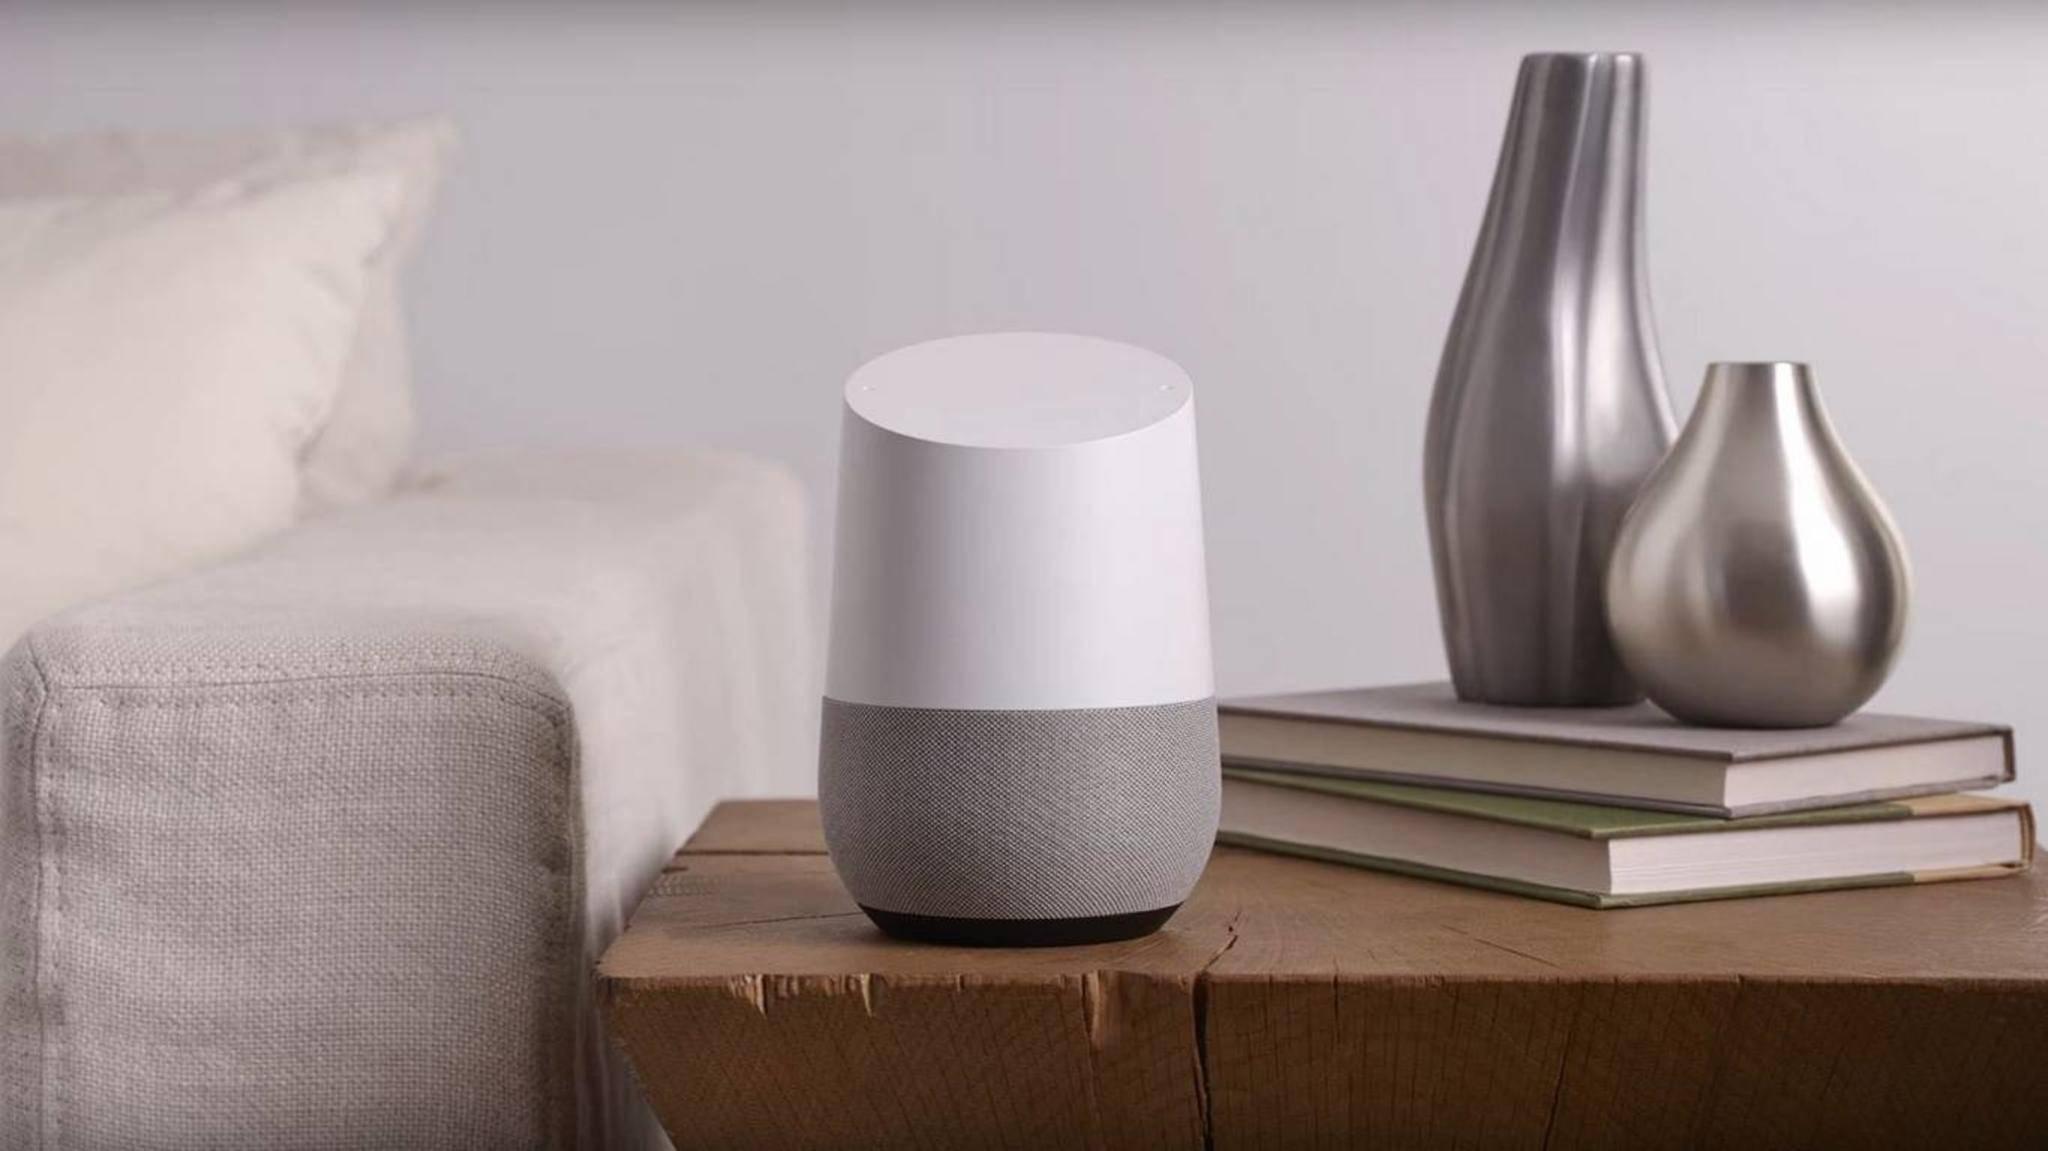 Google Home arbeitet nun mit weiteren Smart-Home-Drittanbietern zusammen.